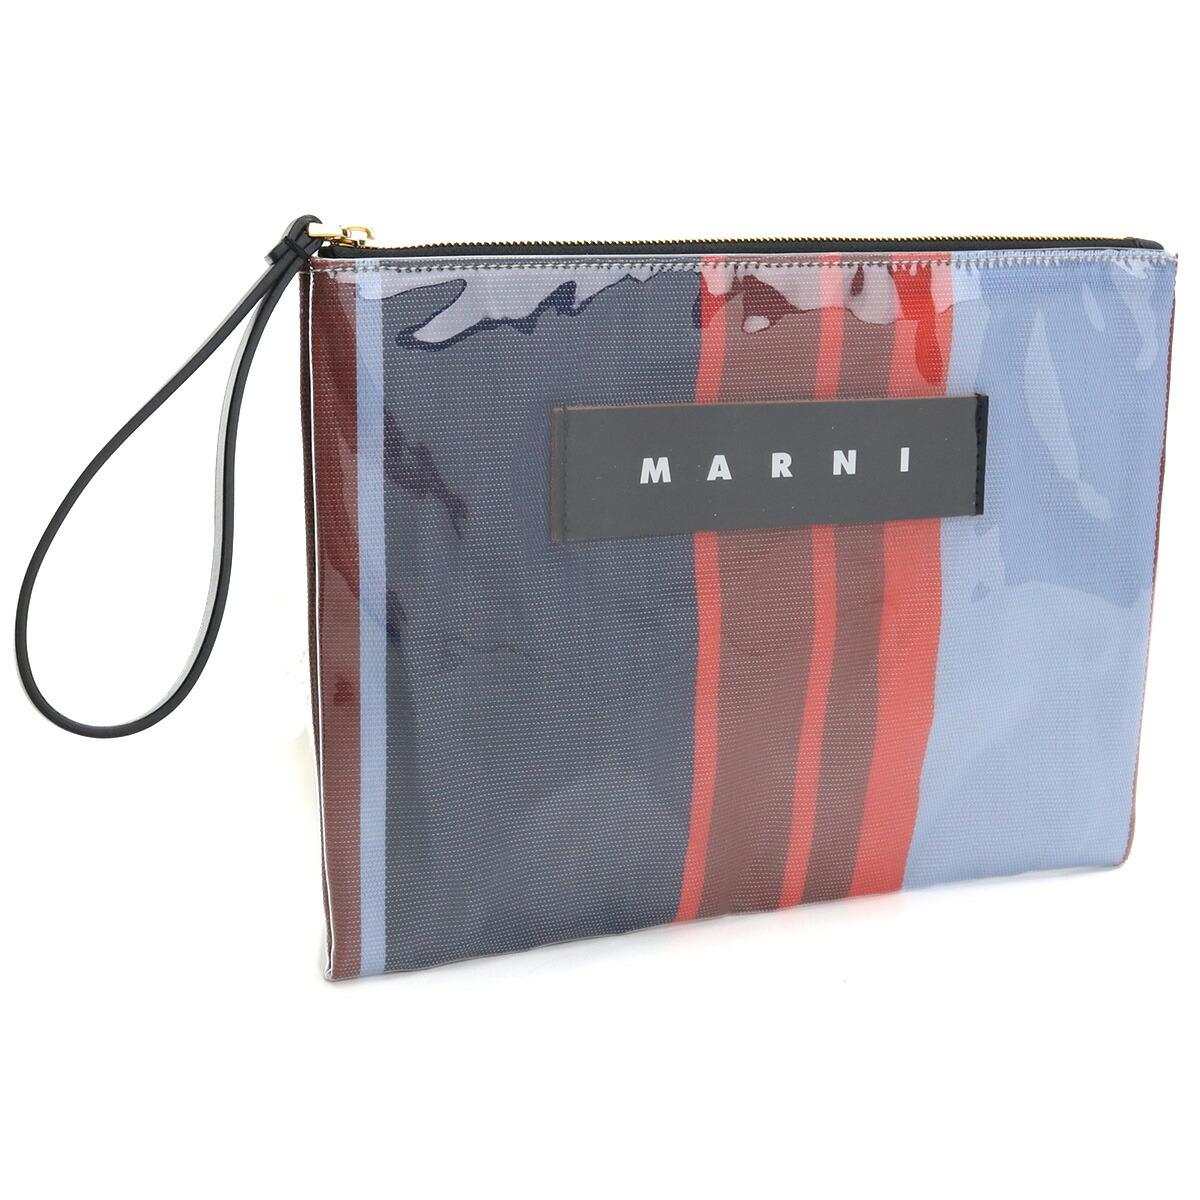 マルニ MARNI  クラッチバッグ ブランドロゴ PHMO0003Q0 P2740 STR64 マルチカラー bos-22 seco-01